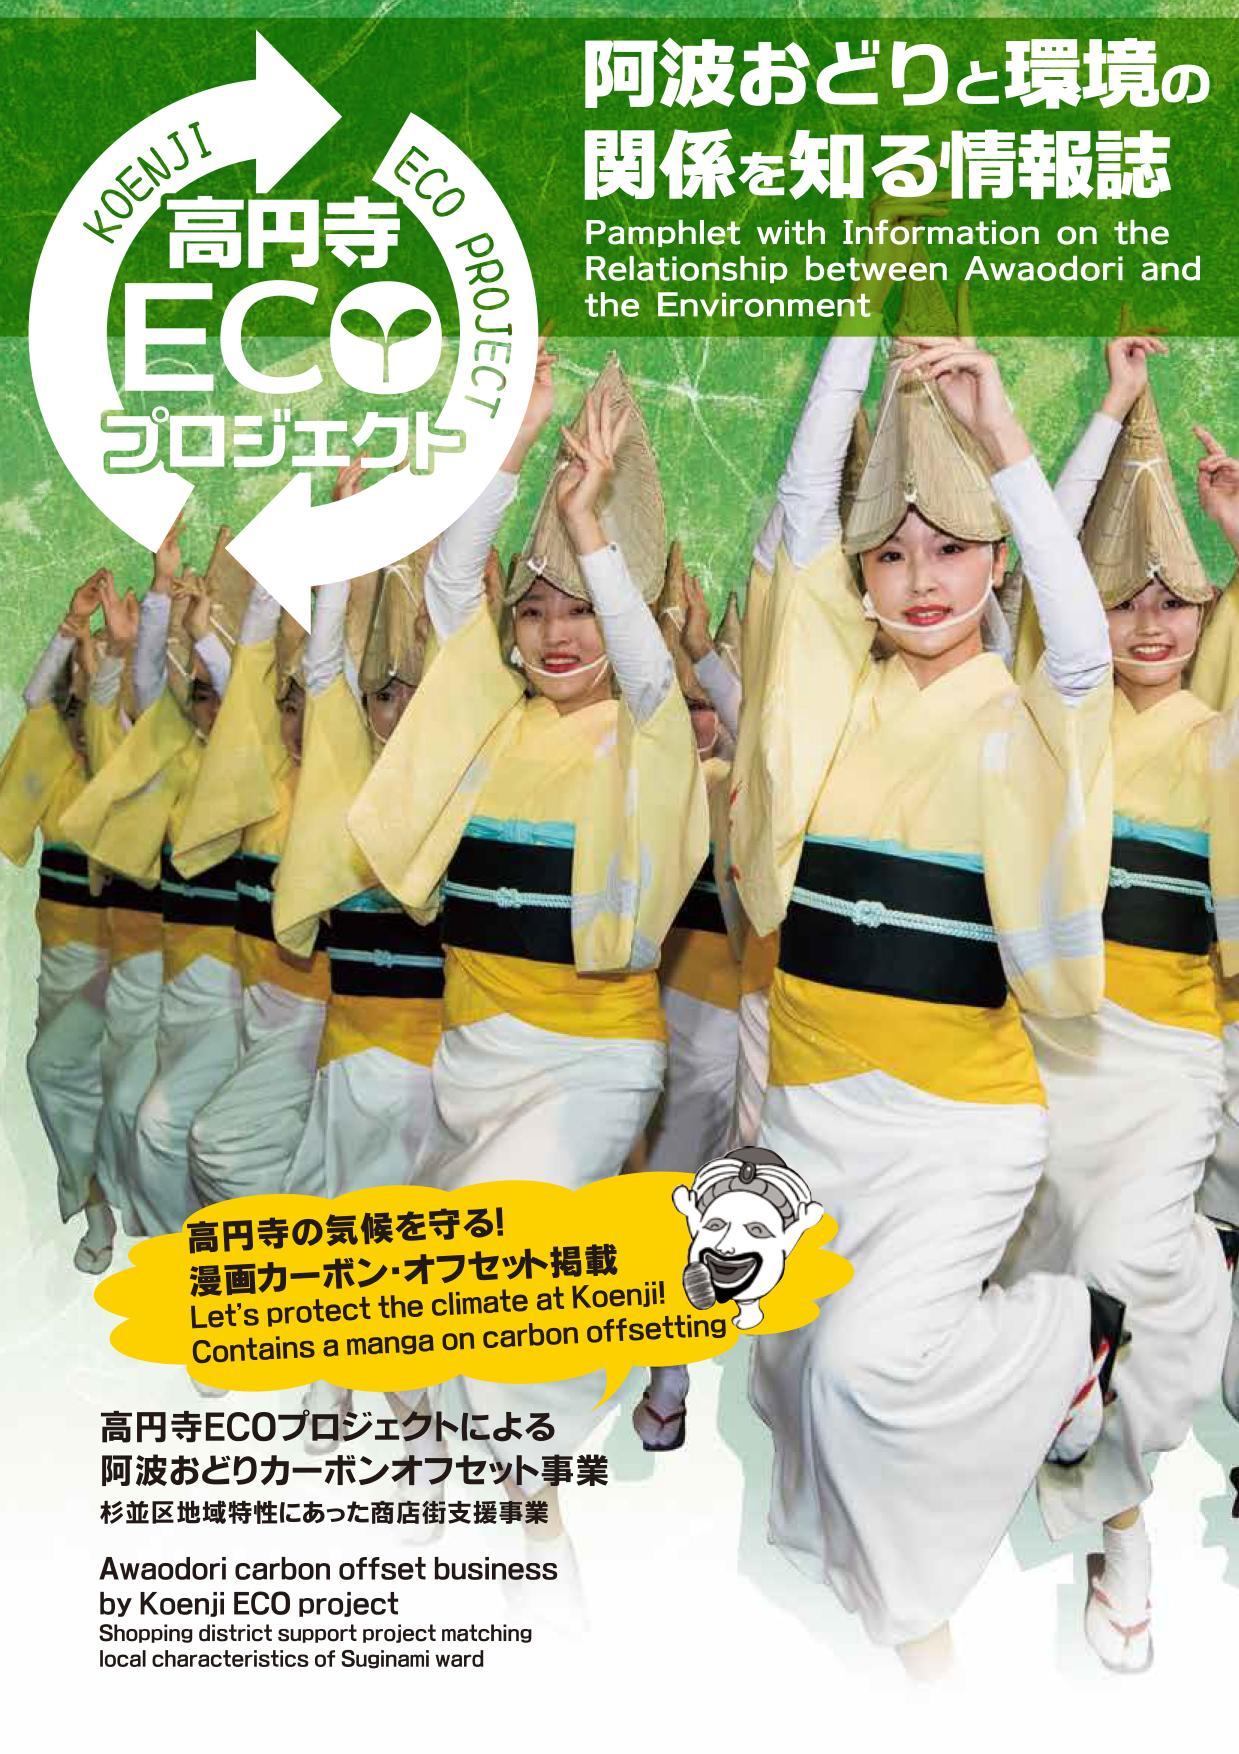 高円寺ECOプロジェクトWebサイトを公開しました